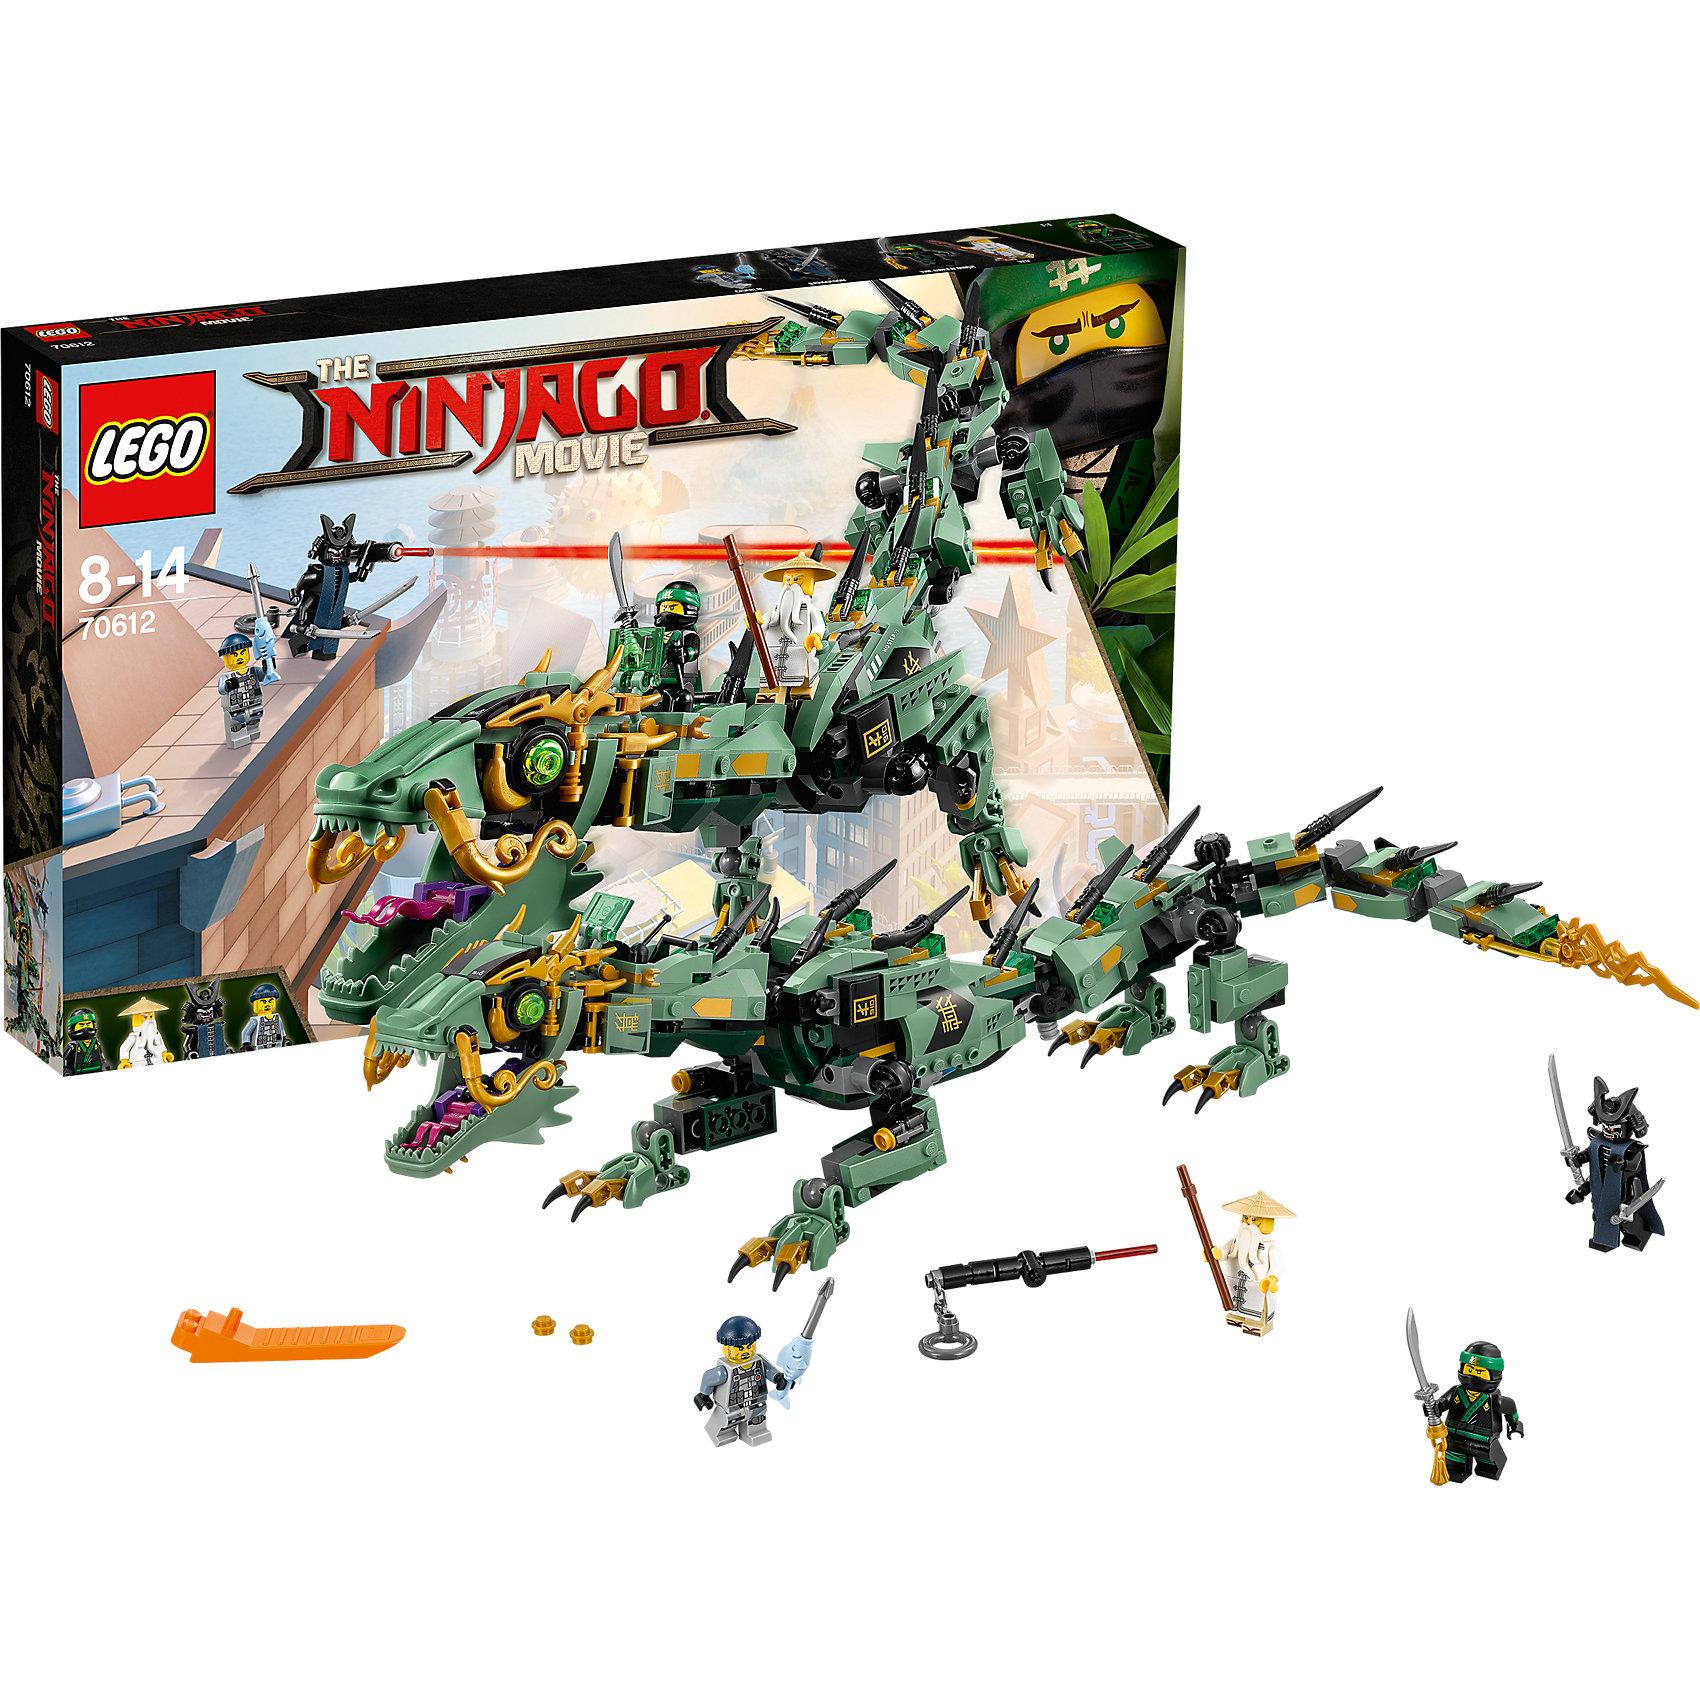 LEGO NINJAGO 70612: Механический Дракон Зелёного НиндзяПластмассовые конструкторы<br><br><br>Ширина мм: 482<br>Глубина мм: 284<br>Высота мм: 68<br>Вес г: 761<br>Возраст от месяцев: 96<br>Возраст до месяцев: 168<br>Пол: Мужской<br>Возраст: Детский<br>SKU: 5619999